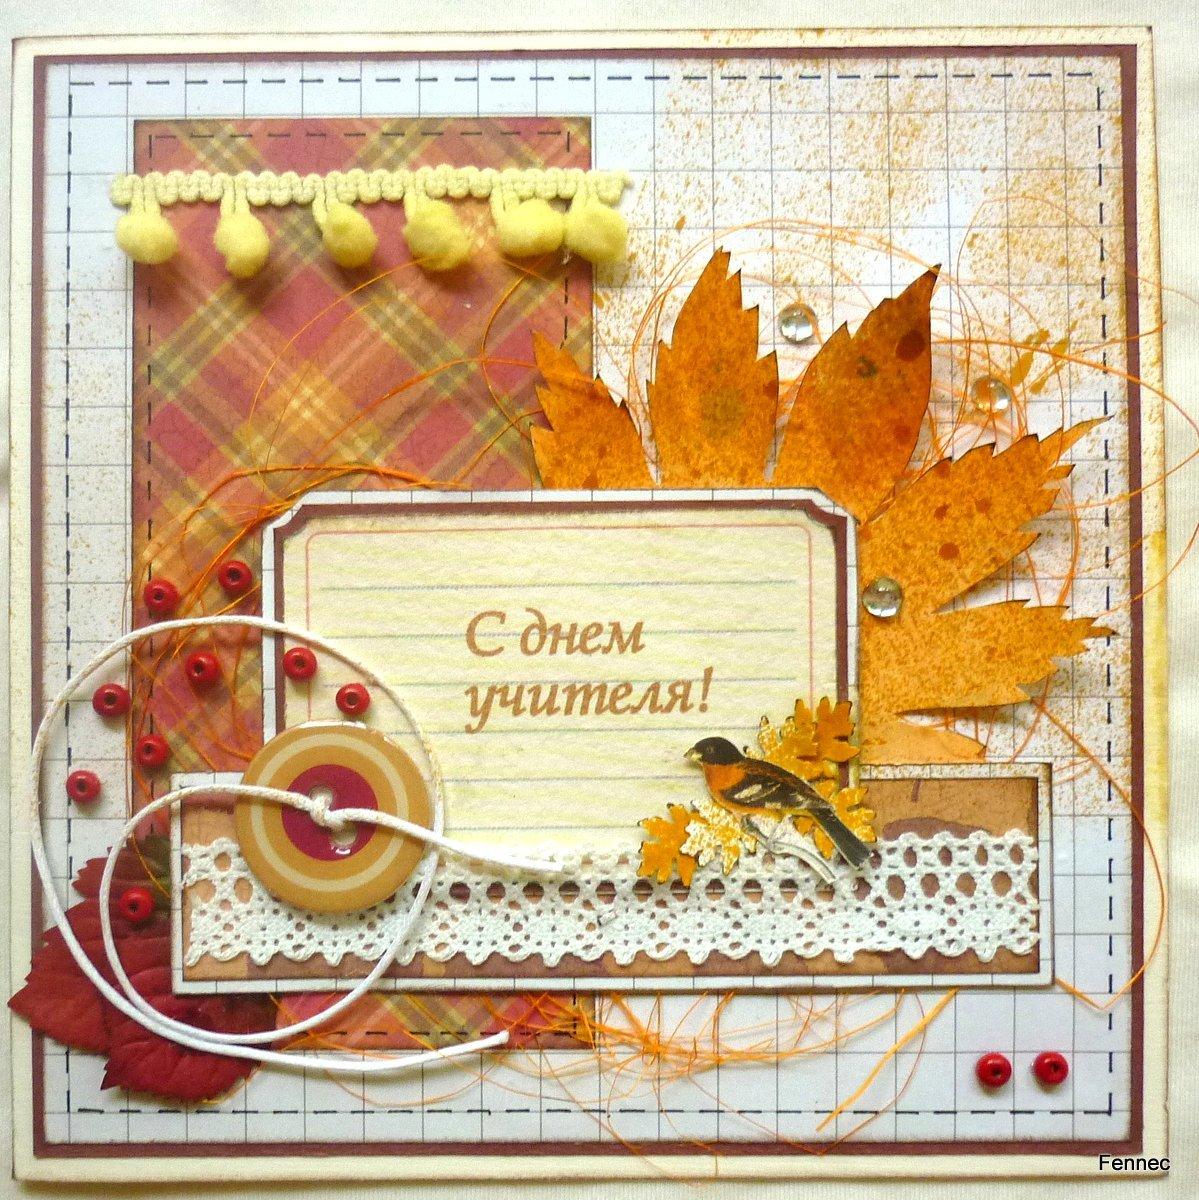 Поздравления, поздравительные открытки с днем учителя своими руками с поздравлением